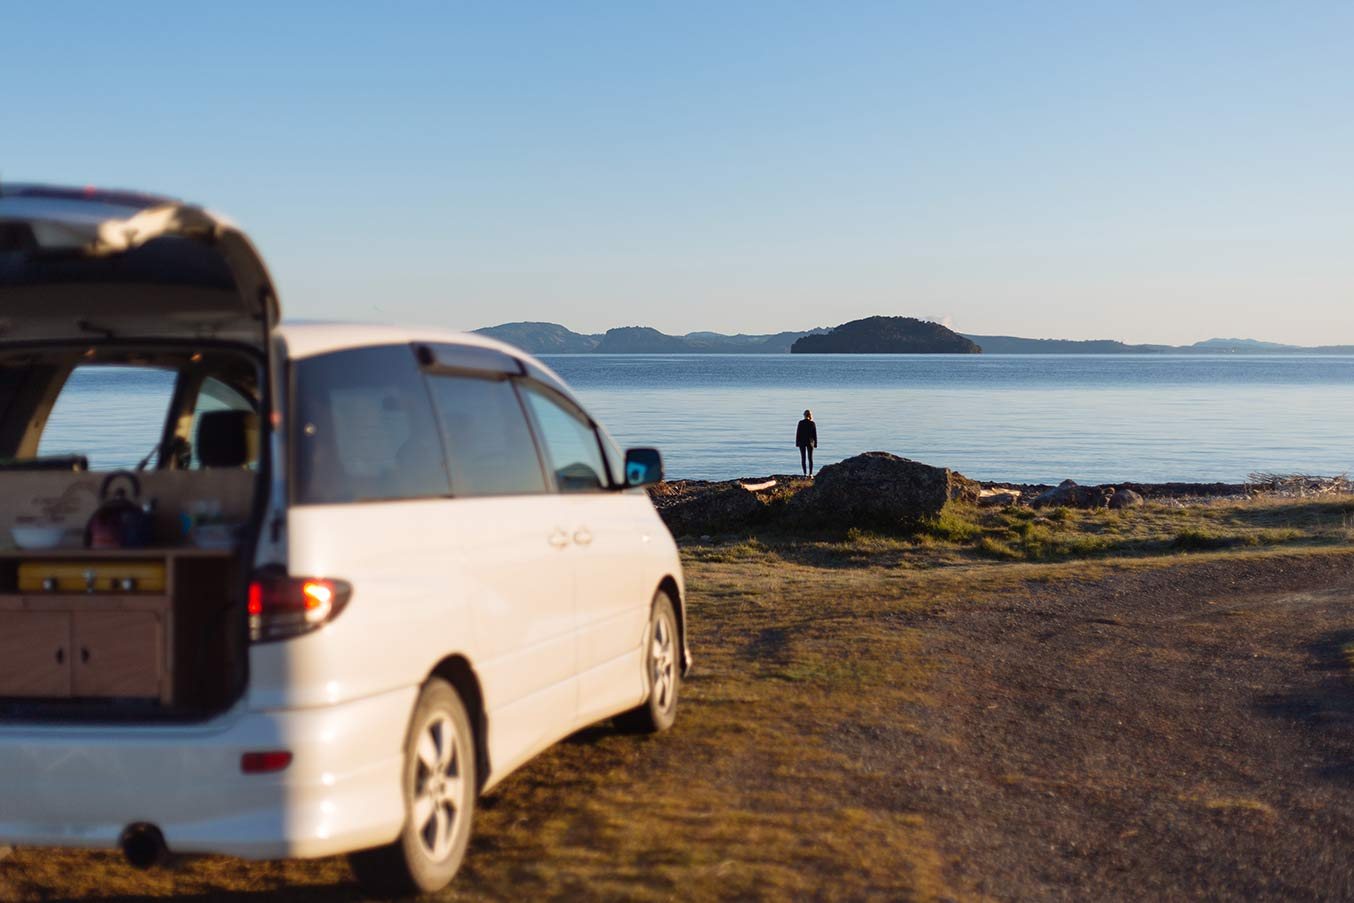 Mode rental campervan by NZ ocean